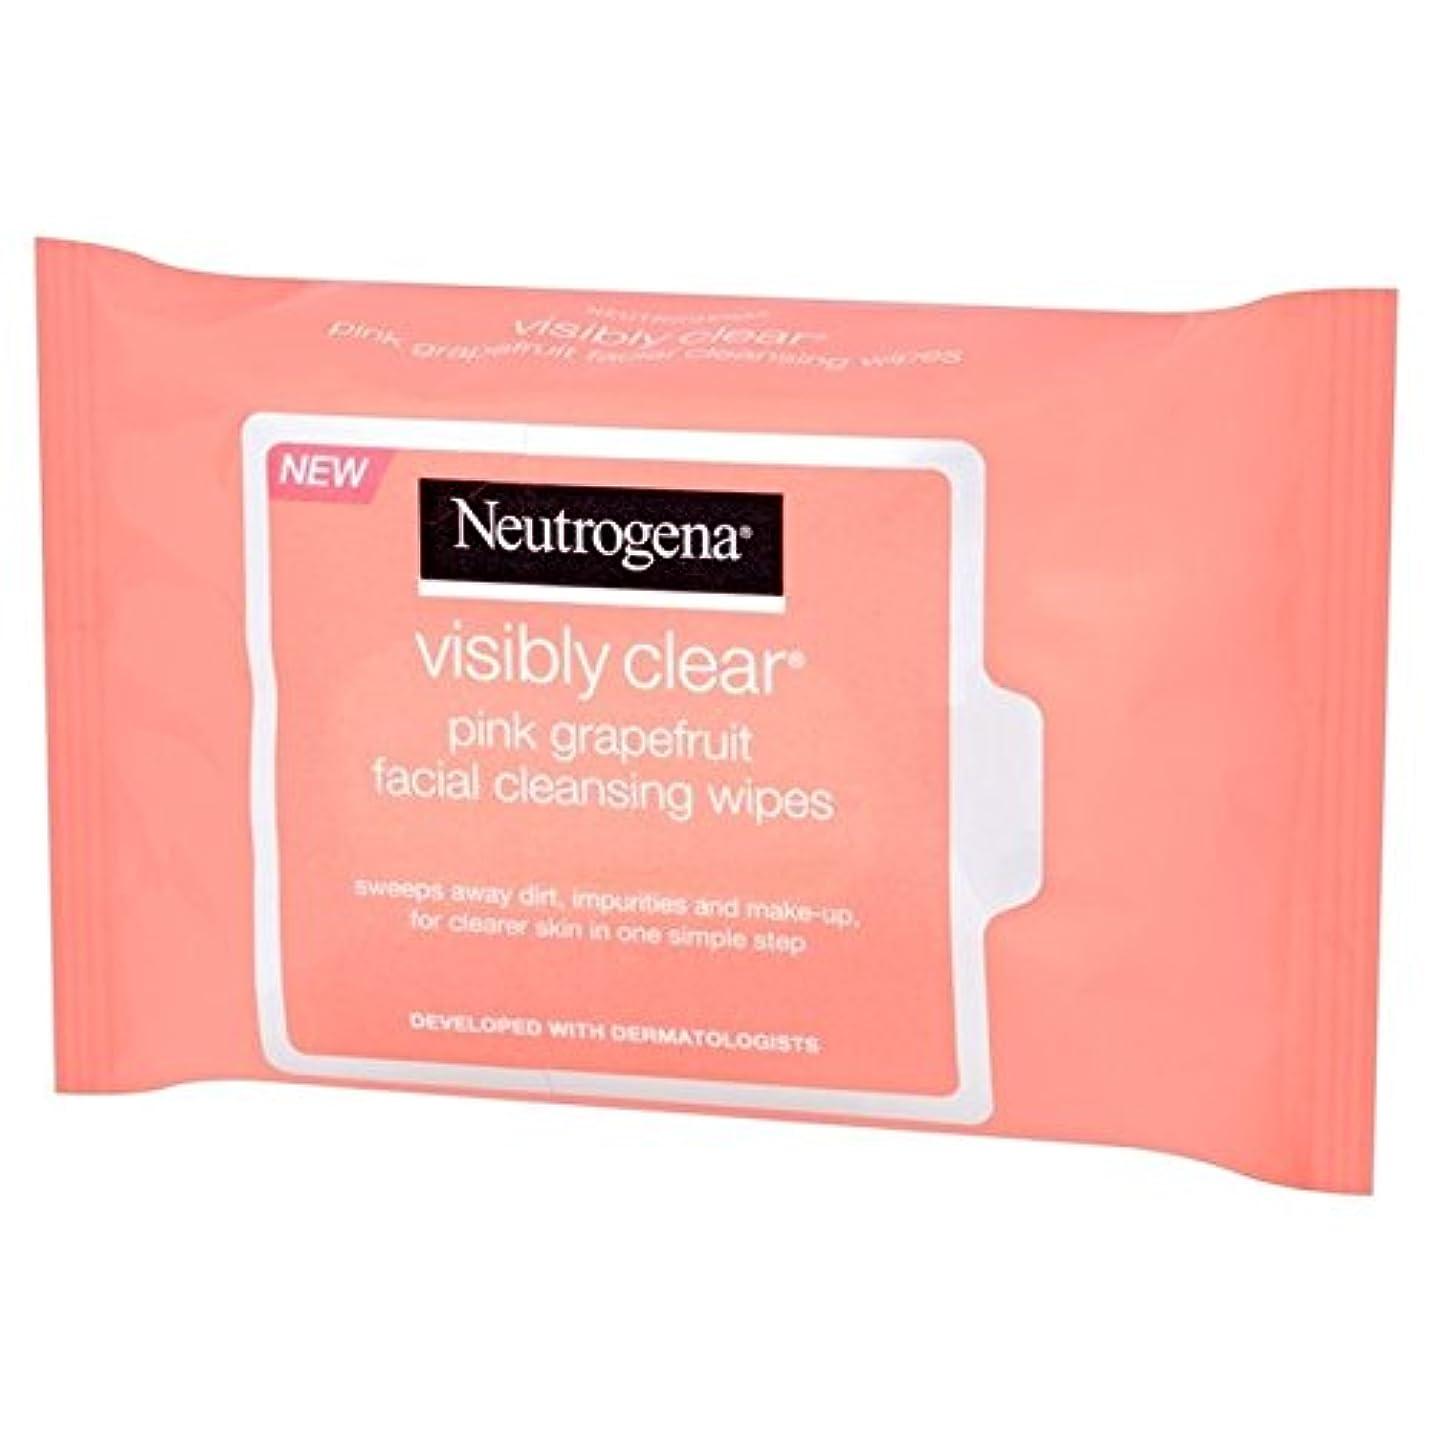 手書き体現する倒産Neutrogena Visibly Clear Pink Grapefruit Wipes 25 per pack - ニュートロジーナ目に見えて明らかピンクグレープフルーツは、パックごとに25ワイプ [並行輸入品]